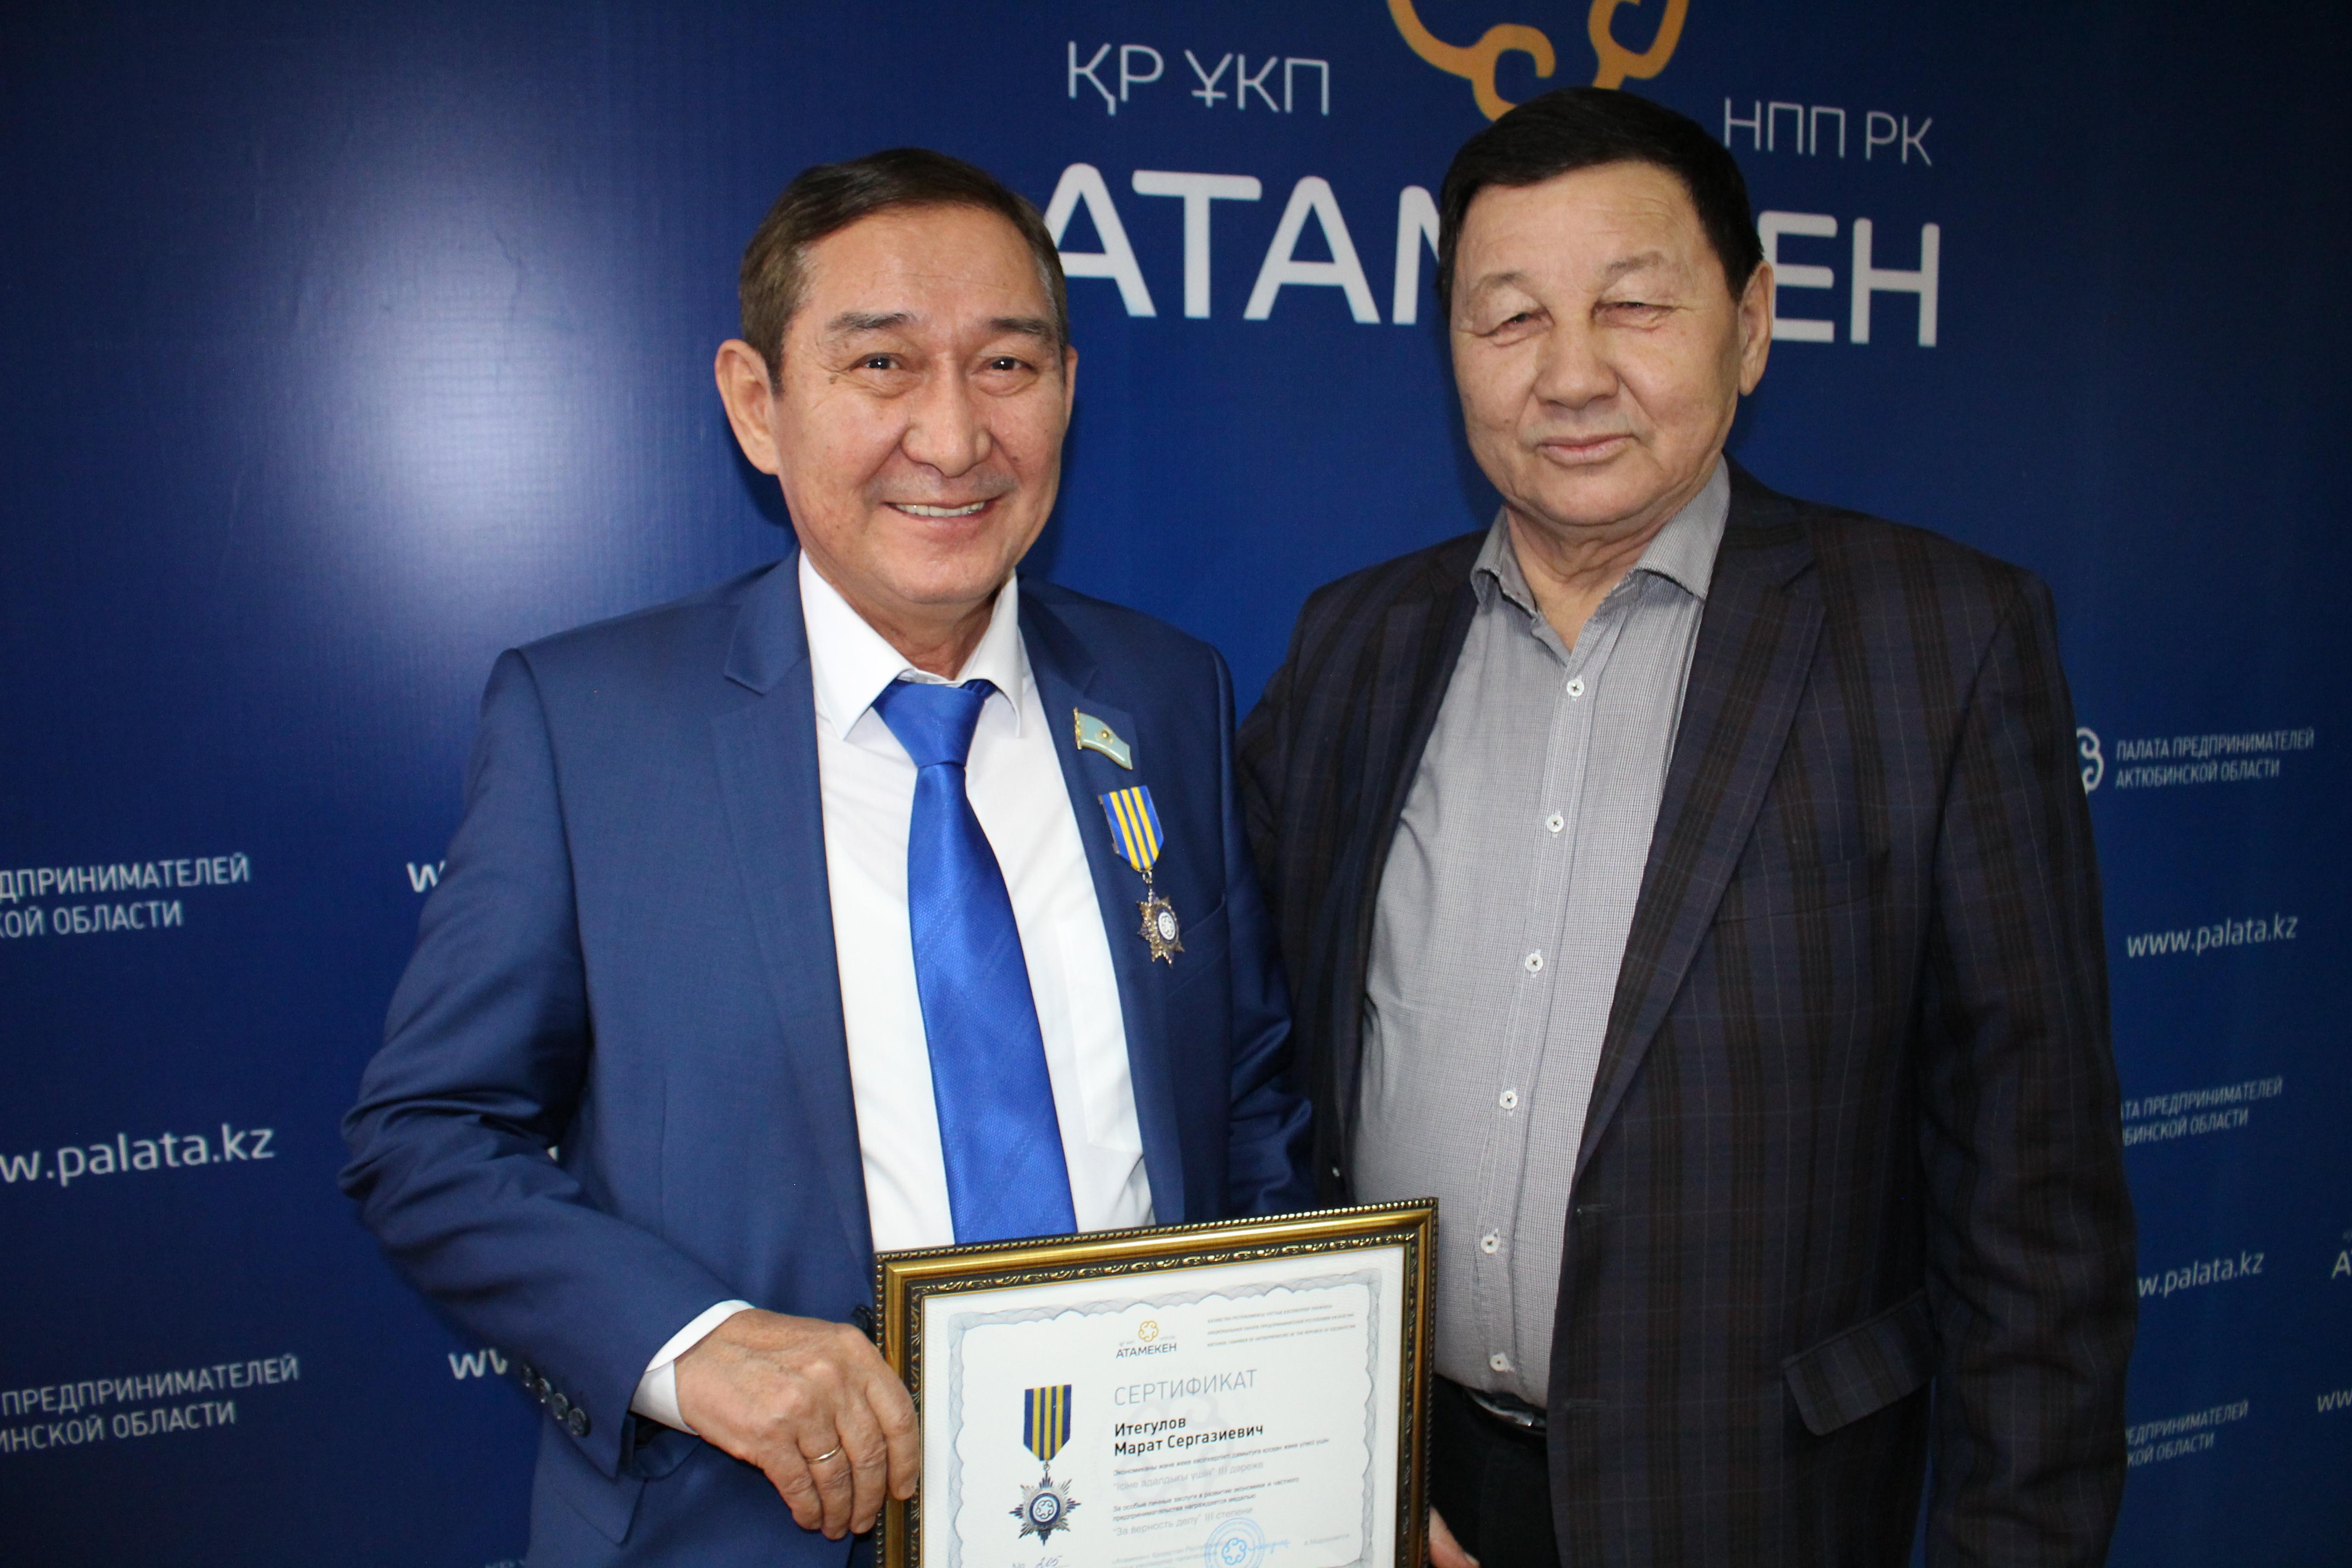 Предпринимателям вручили медали и благодарственные письма